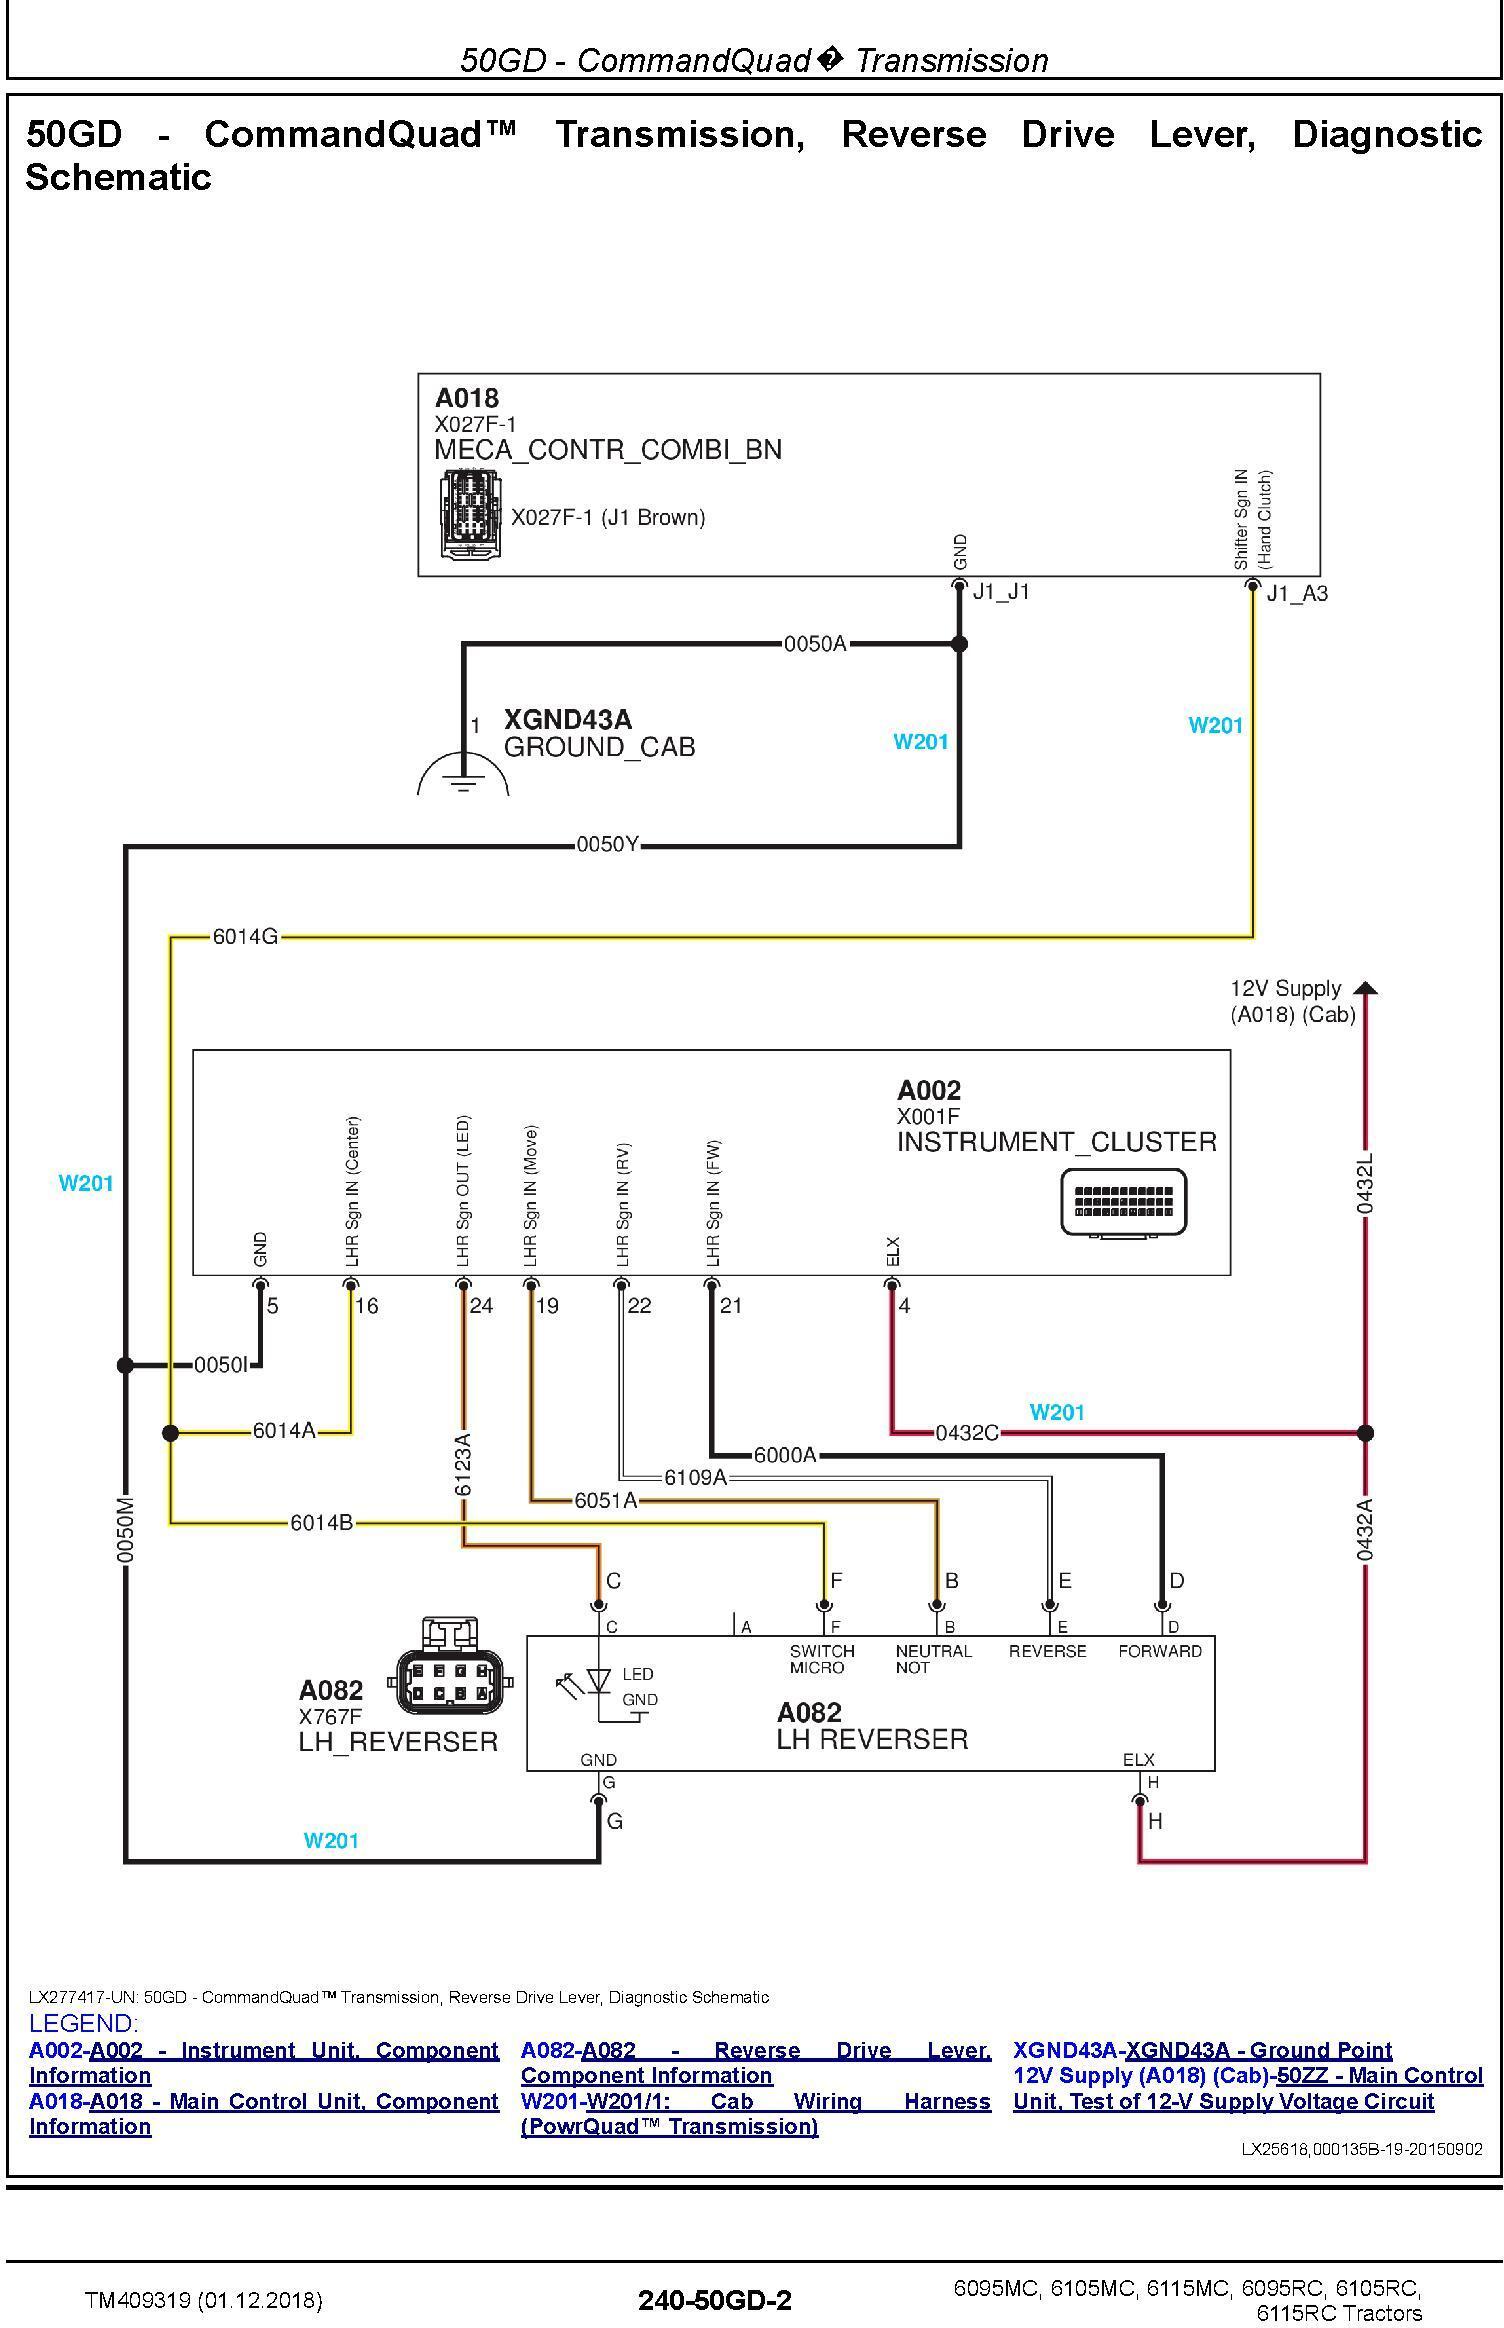 John Deere 6095MC 6105MC 6115MC 6095RC 6105RC 6115RC Tractors MY2016-17 Diagnostic Manual (TM409319) - 1